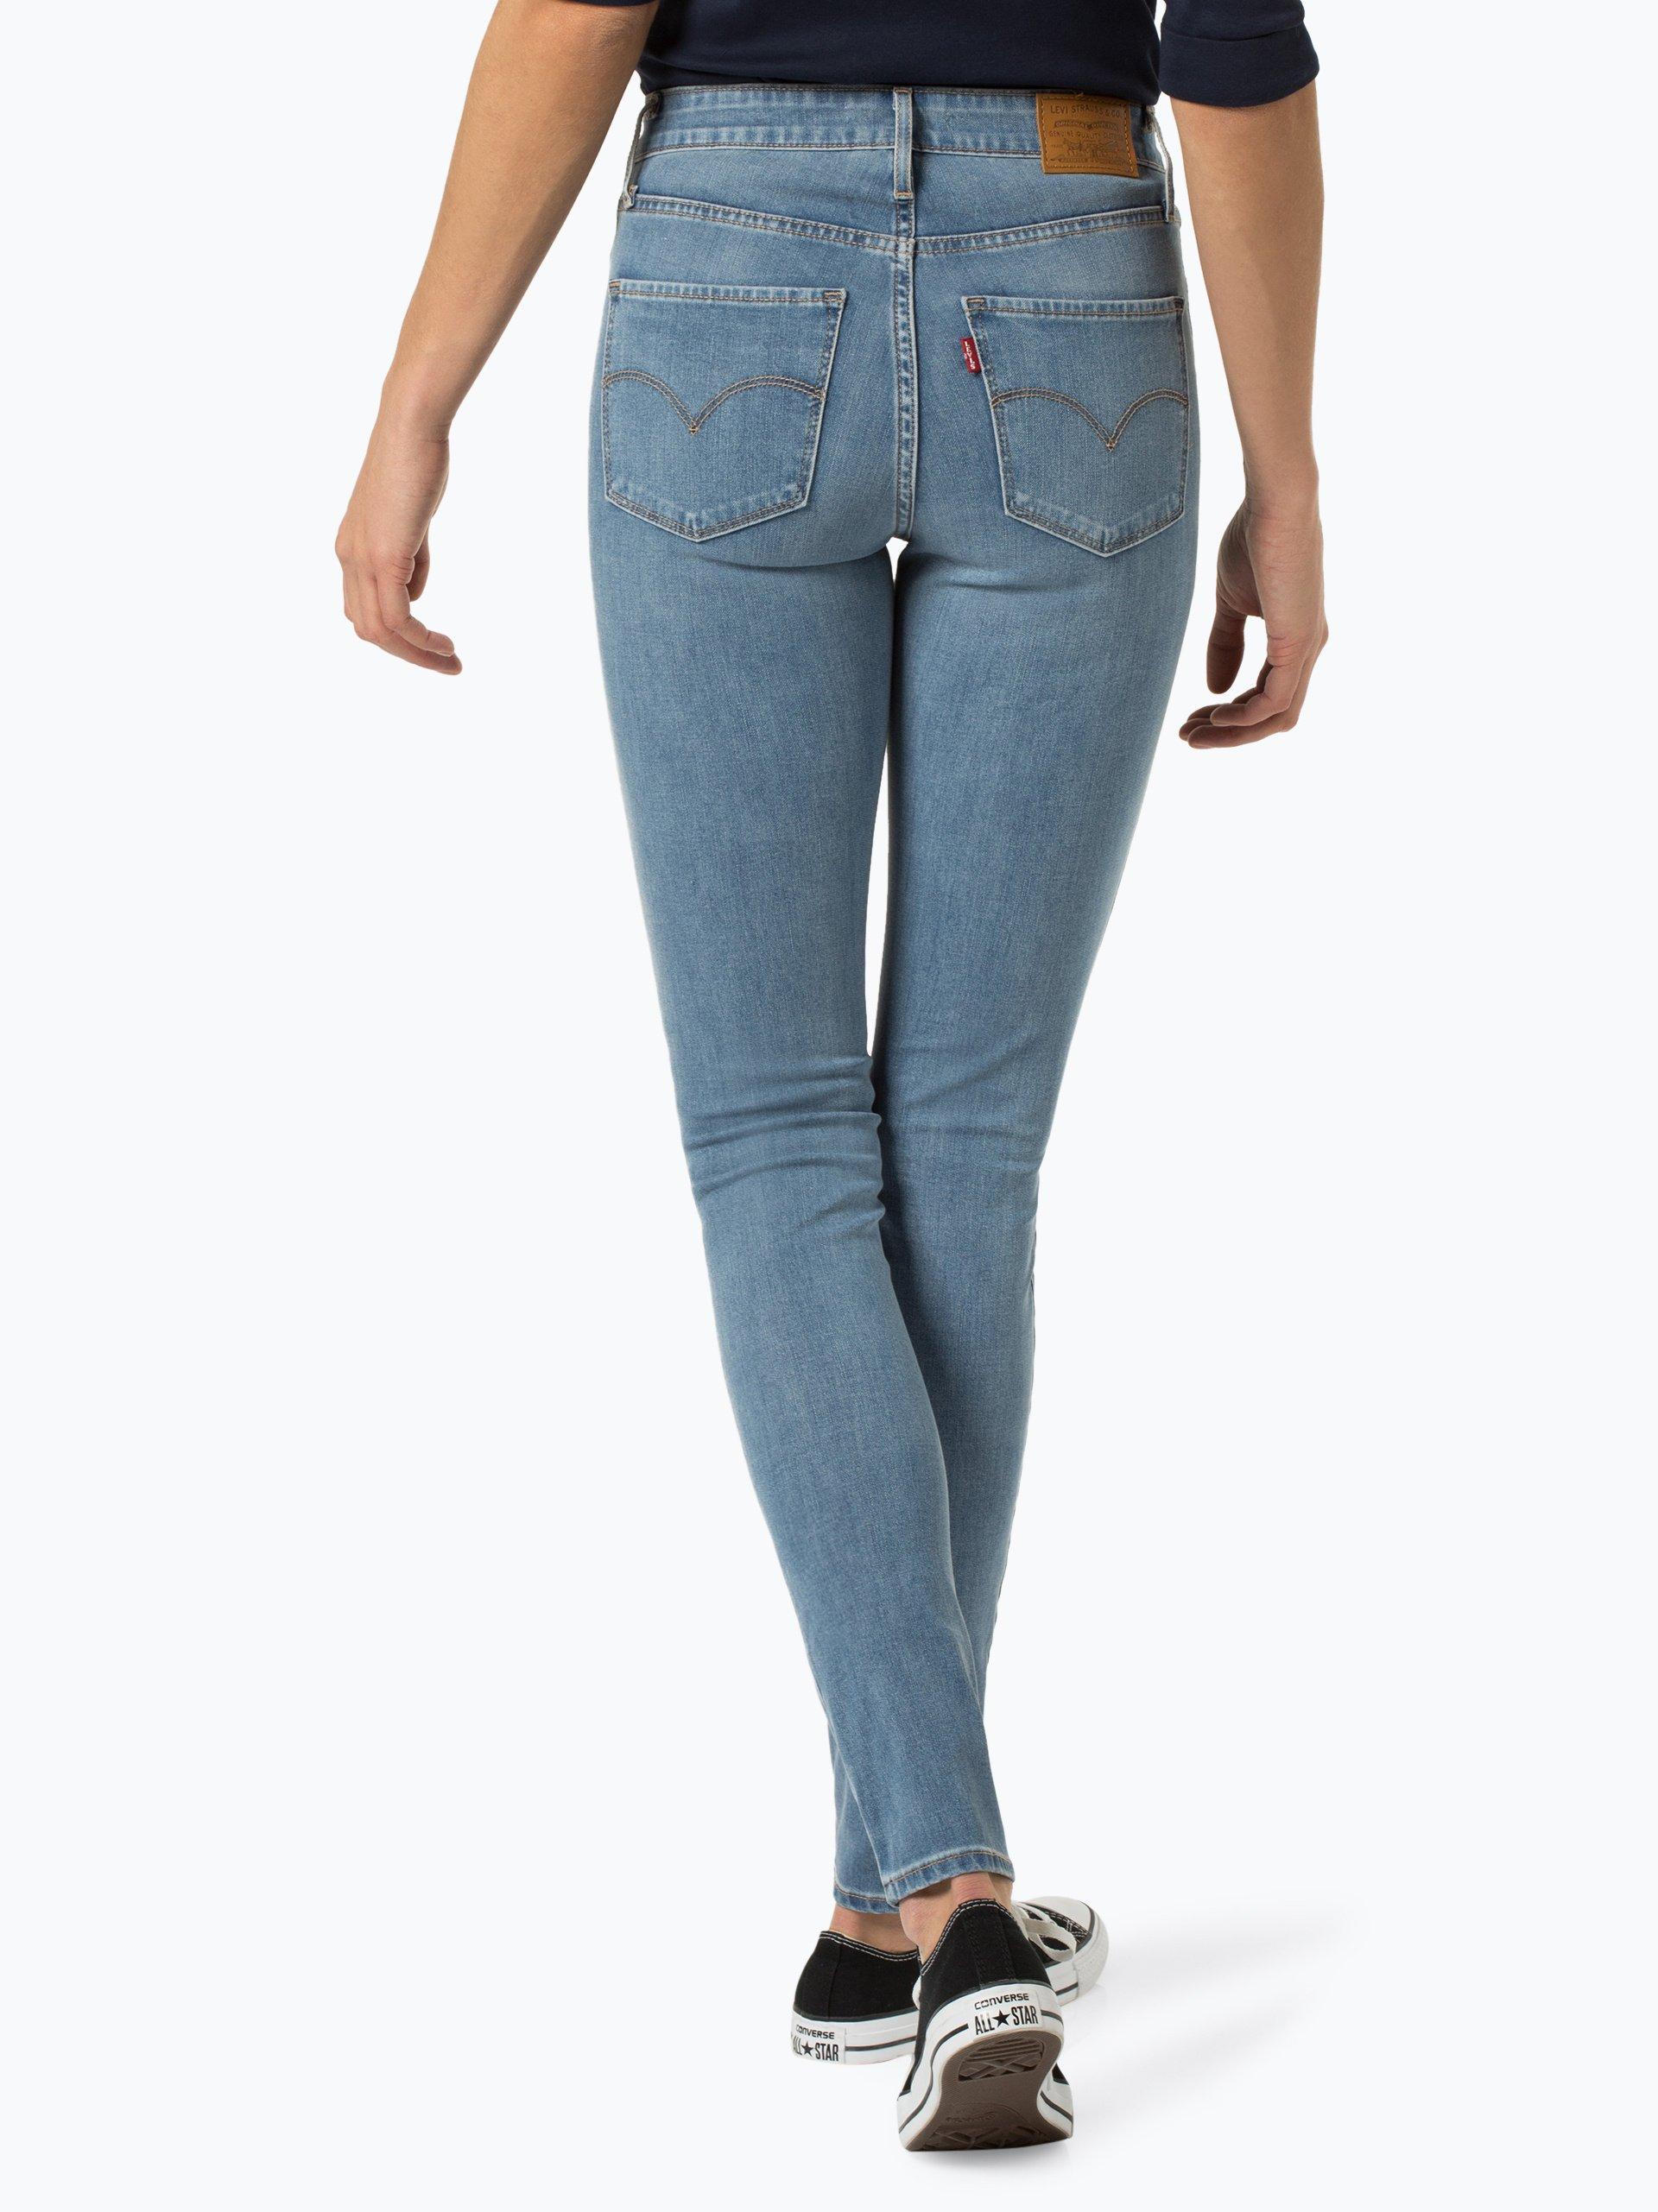 Levi's Damen Jeans - 721 online kaufen | VANGRAAF.COM